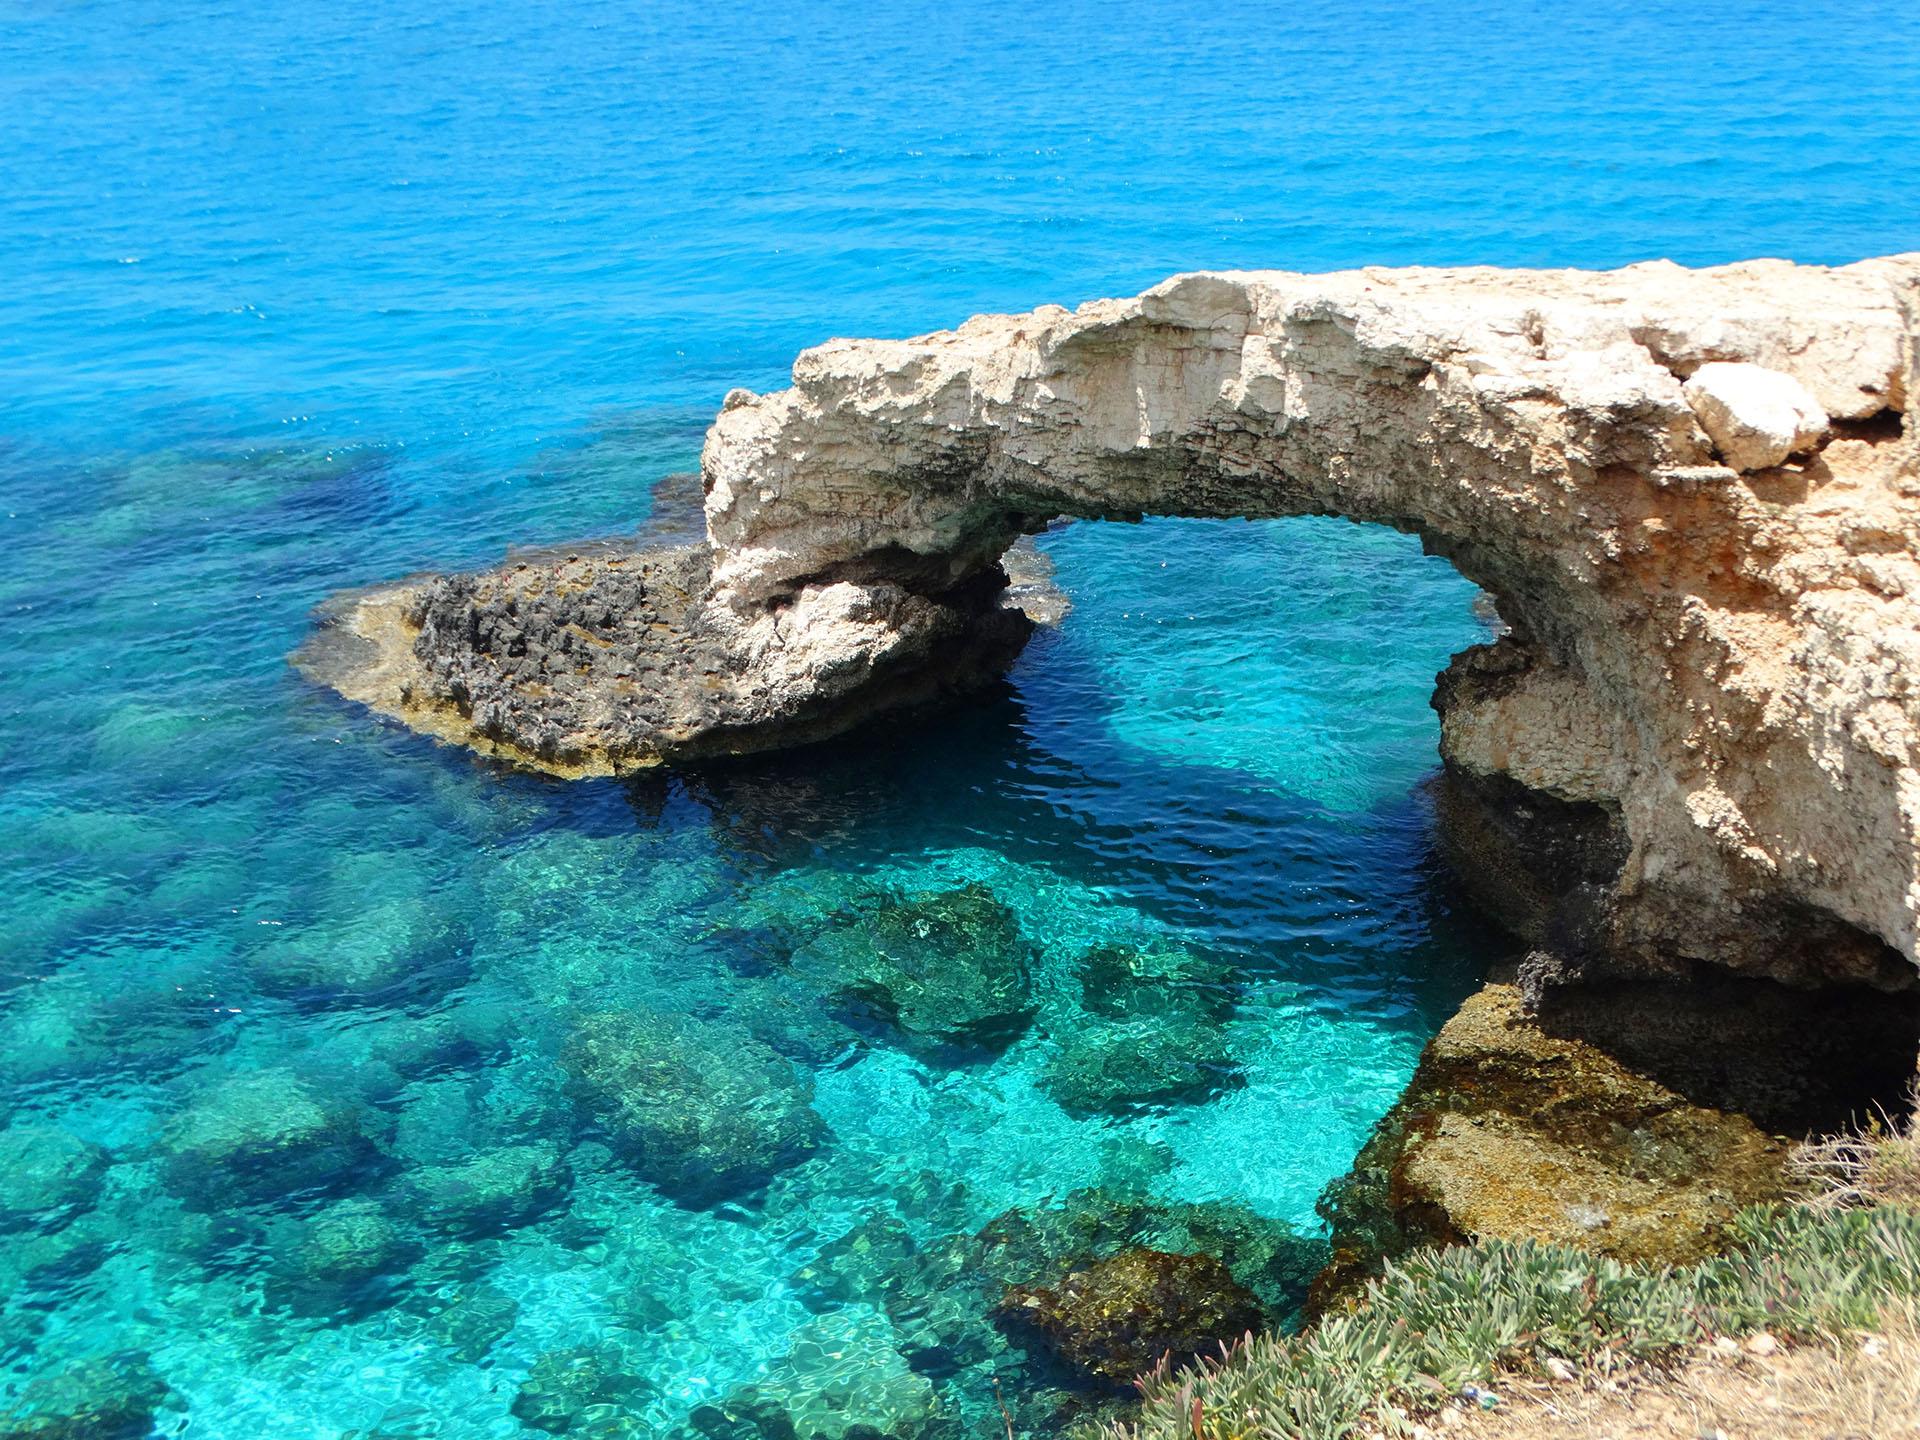 Кипр:  легендарный остров любви